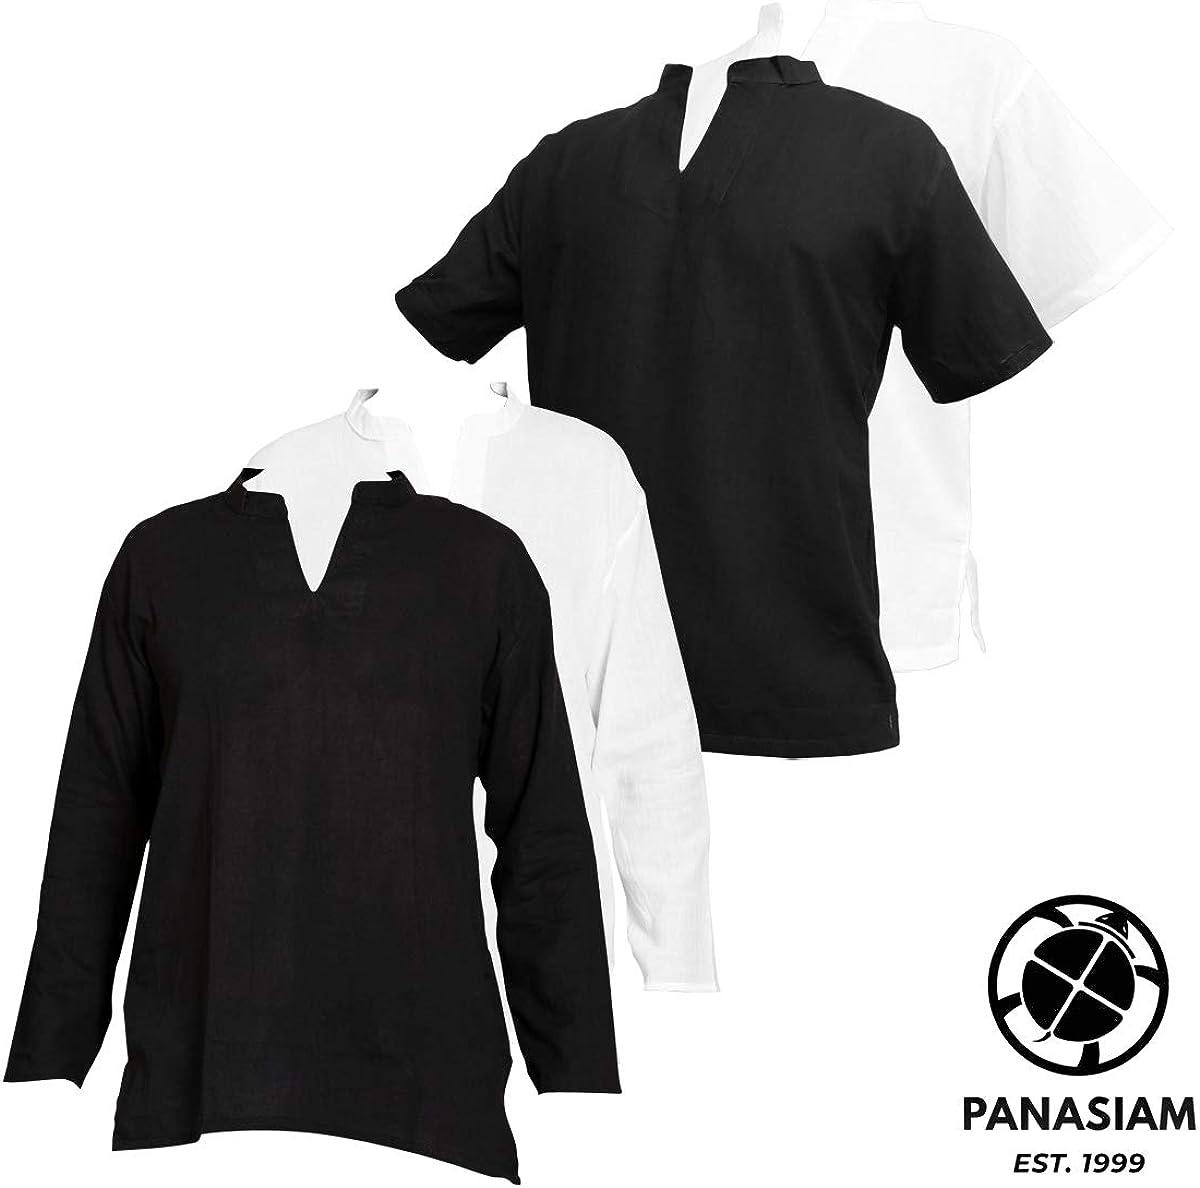 in cotone extra sottile morbido nera e bianca M XL e XXL L PANASIAM Camicia estiva da pescatore fine senza bottoni